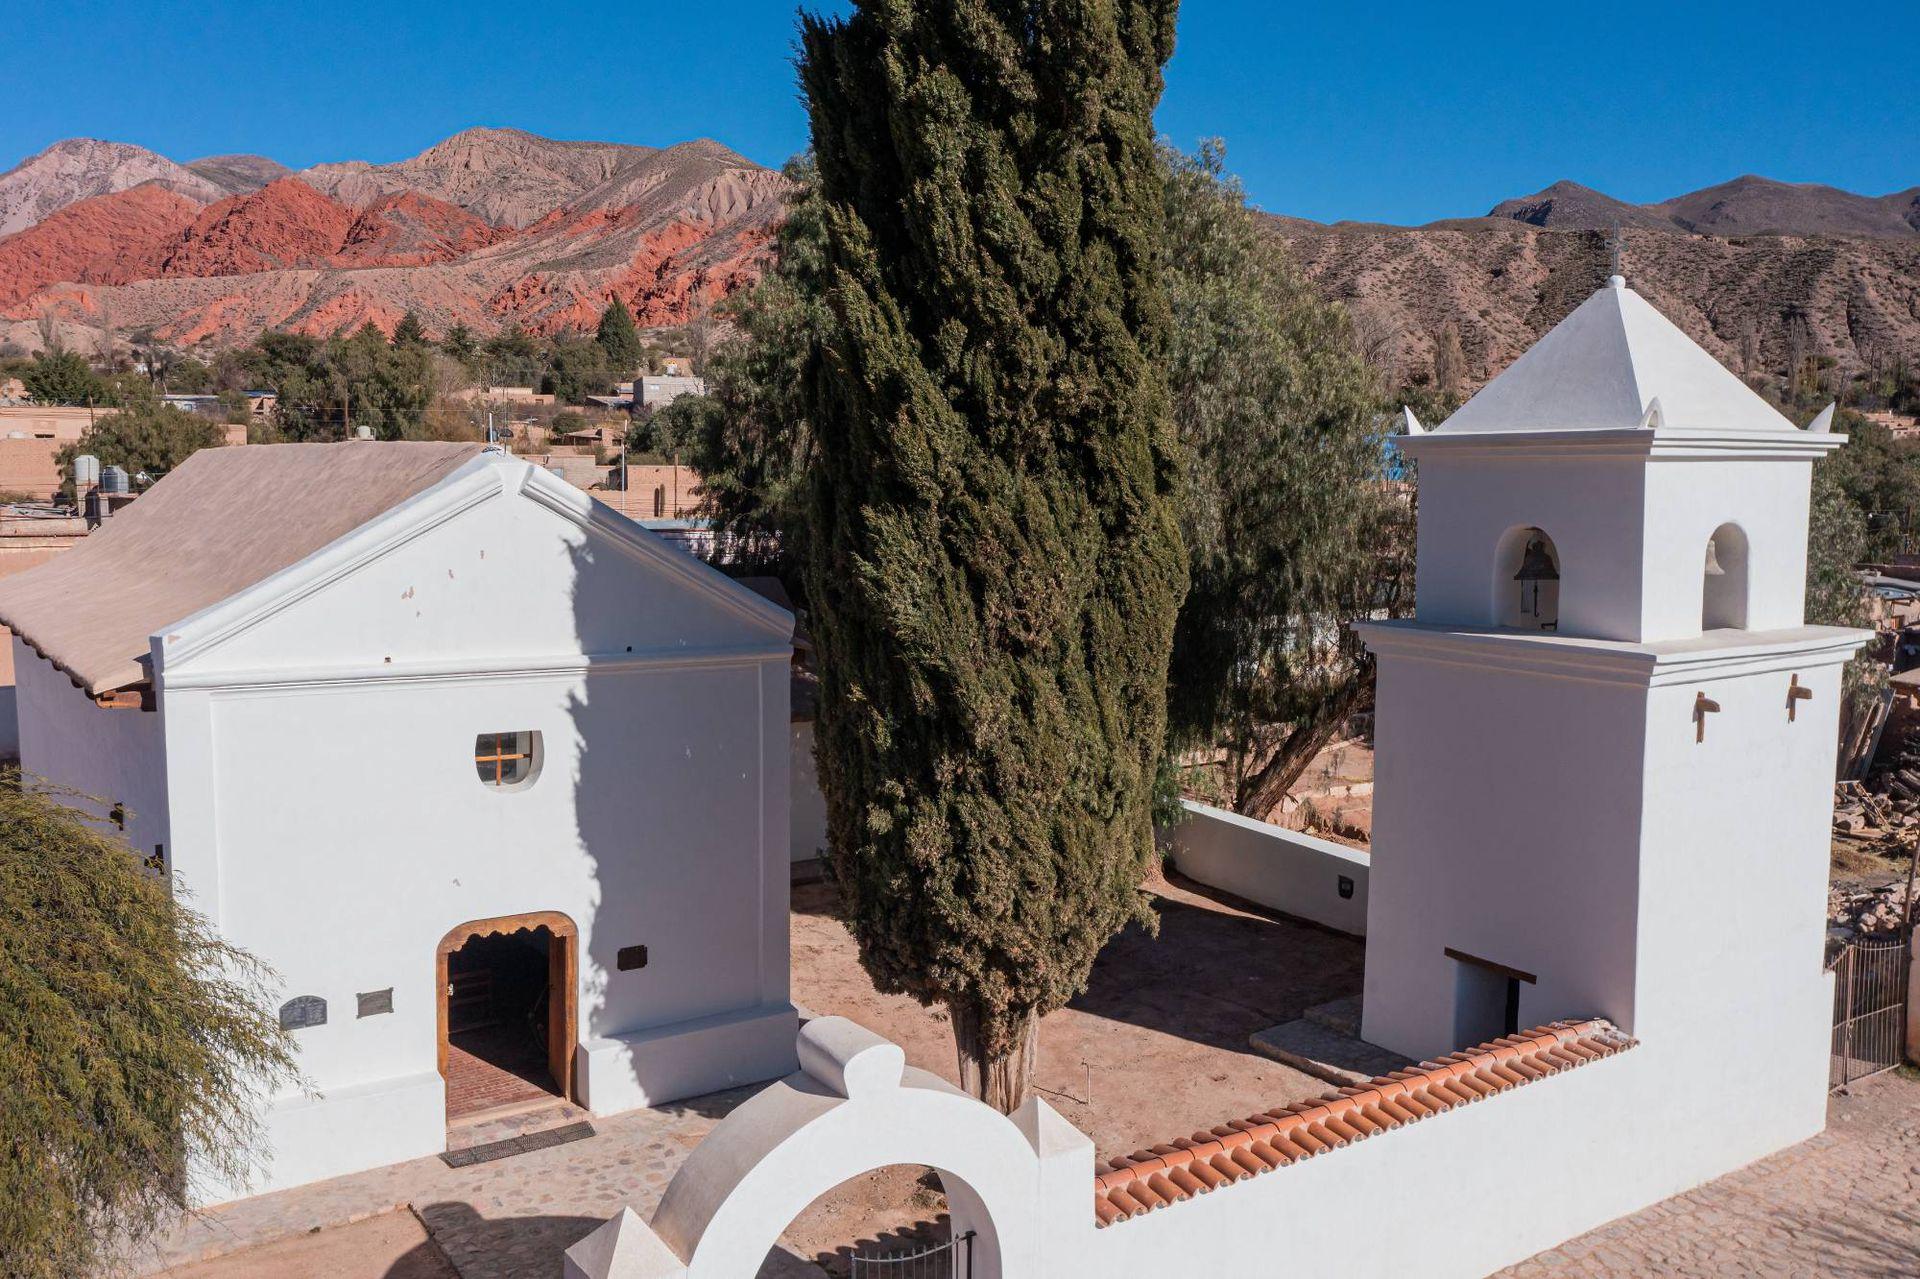 La pequeña iglesia de Uquía recién restaurada.